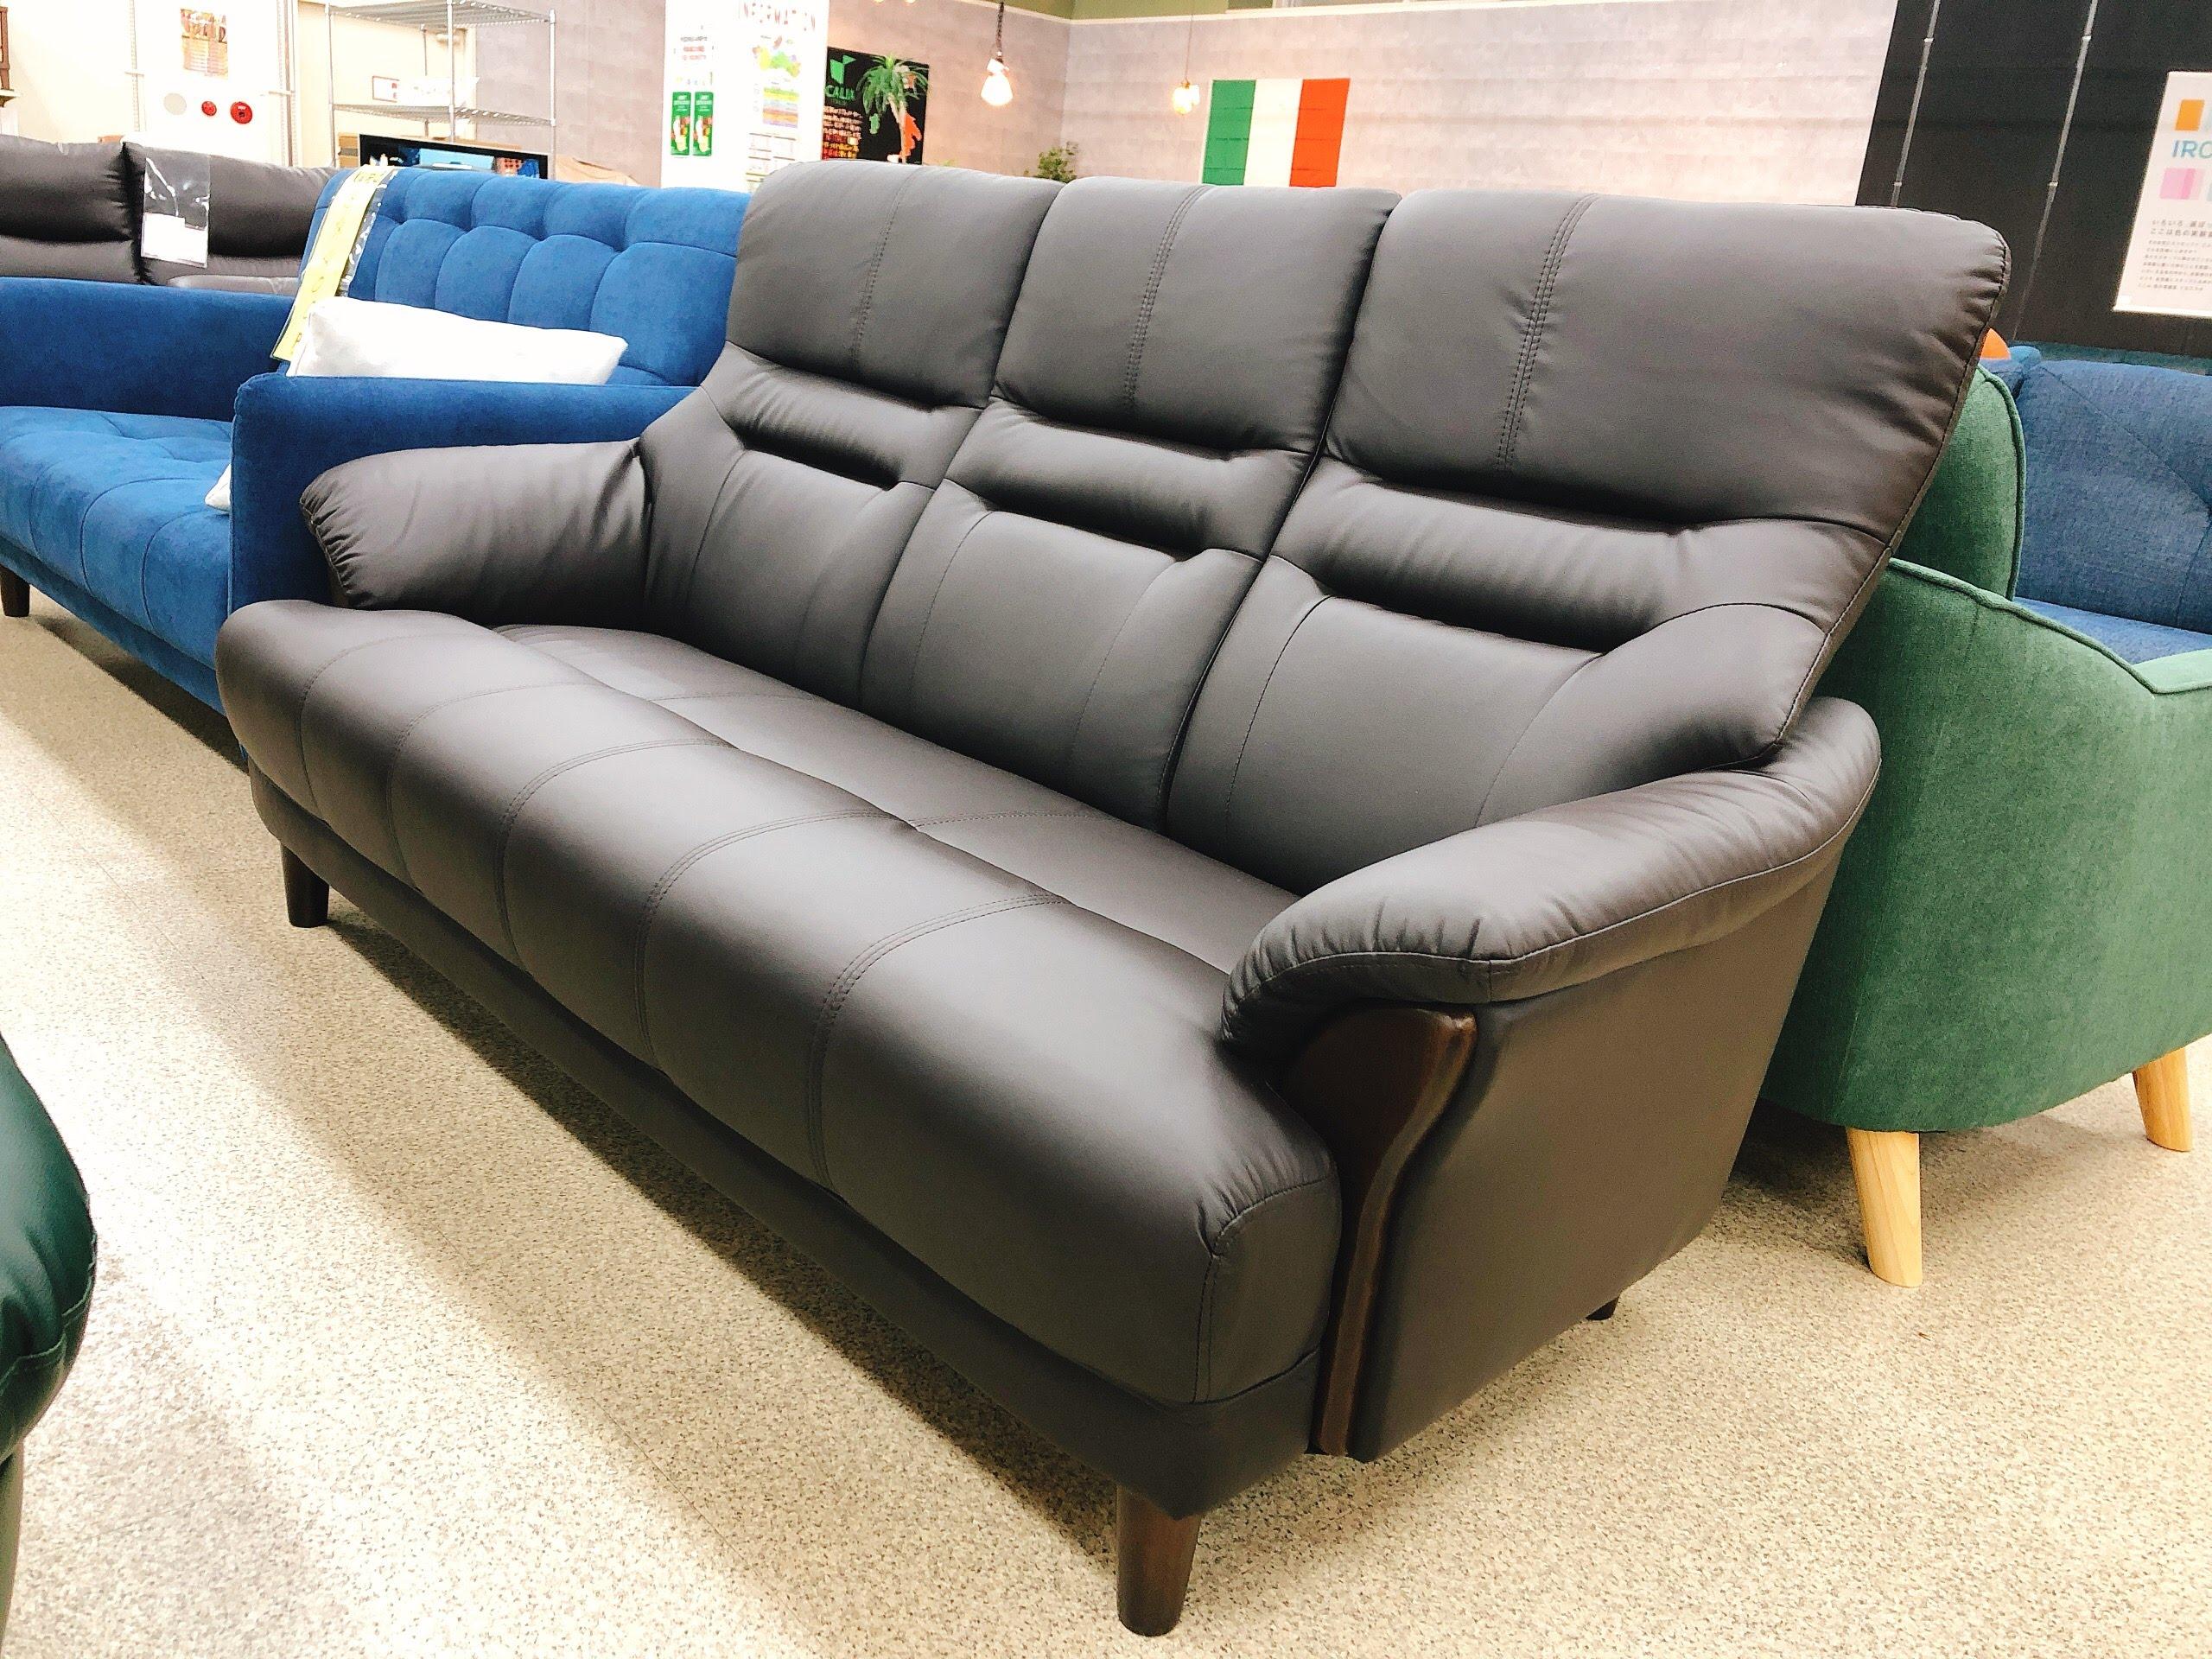 3人掛けAPU合成皮革ソファー 固めの座り心地のハイバックの画像1